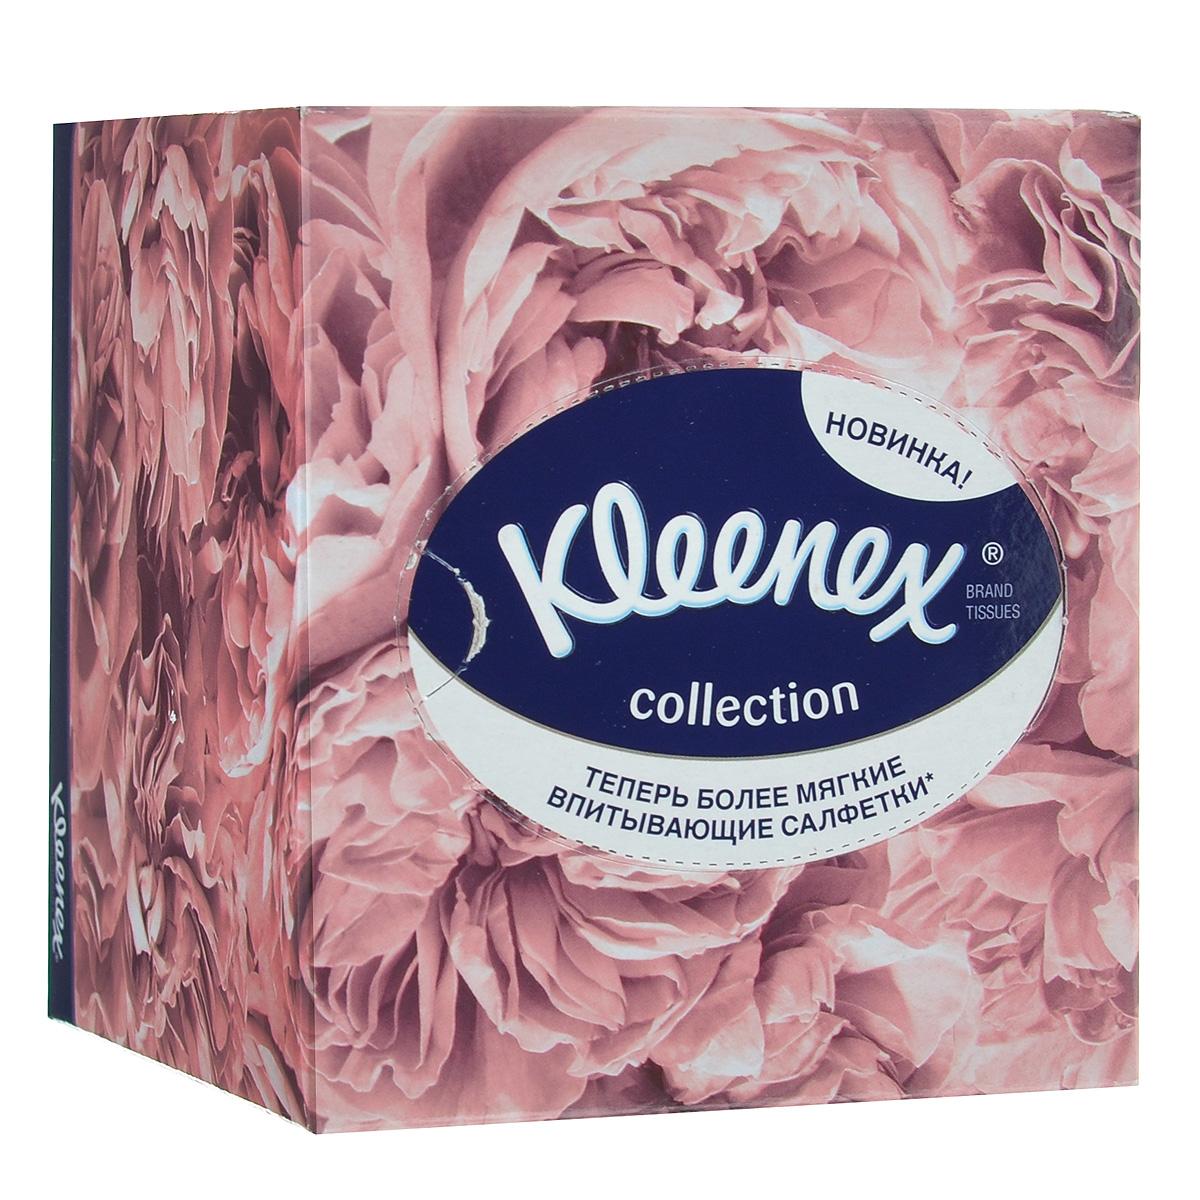 Салфетки универсальные Kleenex Collection, двухслойные, 21,6 см х 21,6 см, 100 шт (упаковка светло-коричневые цветы)TF-14AU-12Двухслойные, мягкие, гигиенические салфетки Kleenex Collection изготовлены из высококачественного, экологически чистого сырья - 100% первичной целлюлозы. Салфетки обладают большой впитывающей способностью. Не вызывают аллергию, не раздражают чувствительную кожу. Благодаря уникальной мягкости, салфетки заботятся о вашей коже во время простуды. Просты и удобны в использовании. Применяются дома и в офисе, на работе и отдыхе. Для хранения салфеток предусмотрена специальная коробочка. Выберите себе настроение! Как всегда разные: яркие и спокойные, задорные и утонченные коробочки с салфетками Kleenex Collection найдут свое место в любом уголке вашей квартиры и добавят в ваш дом теплоты и уюта даже в самый хмурый день. Товар сертифицирован.Размер салфетки: 21,6 см х 21,6 см. Комплектация: 100 шт.